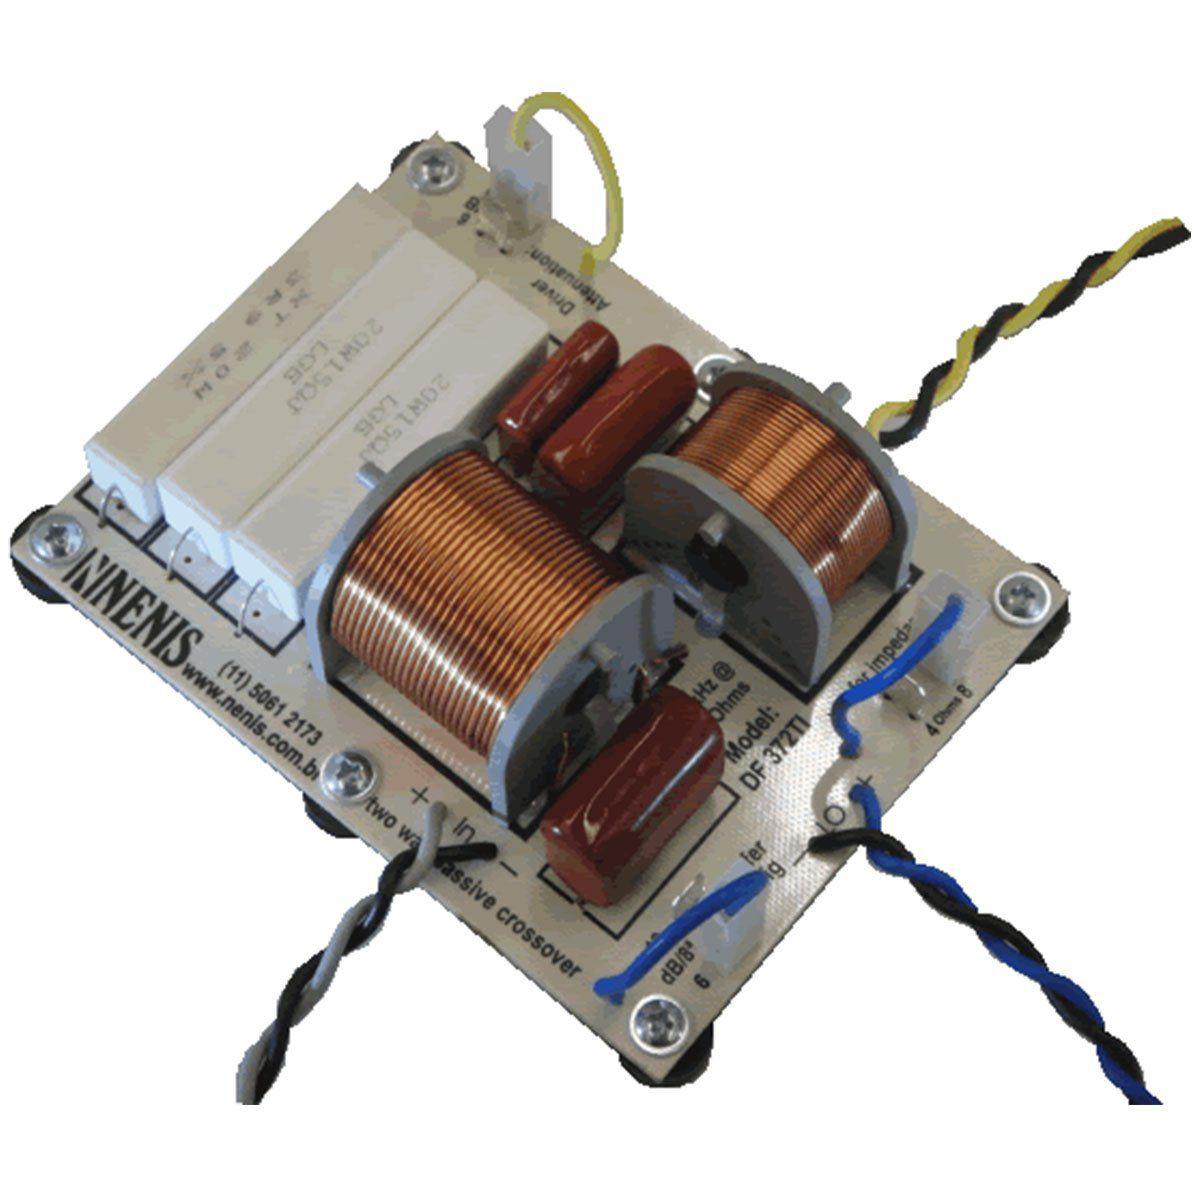 Divisor de Frequências Passivo 2 Vias 370W - DF 372 TI Nenis